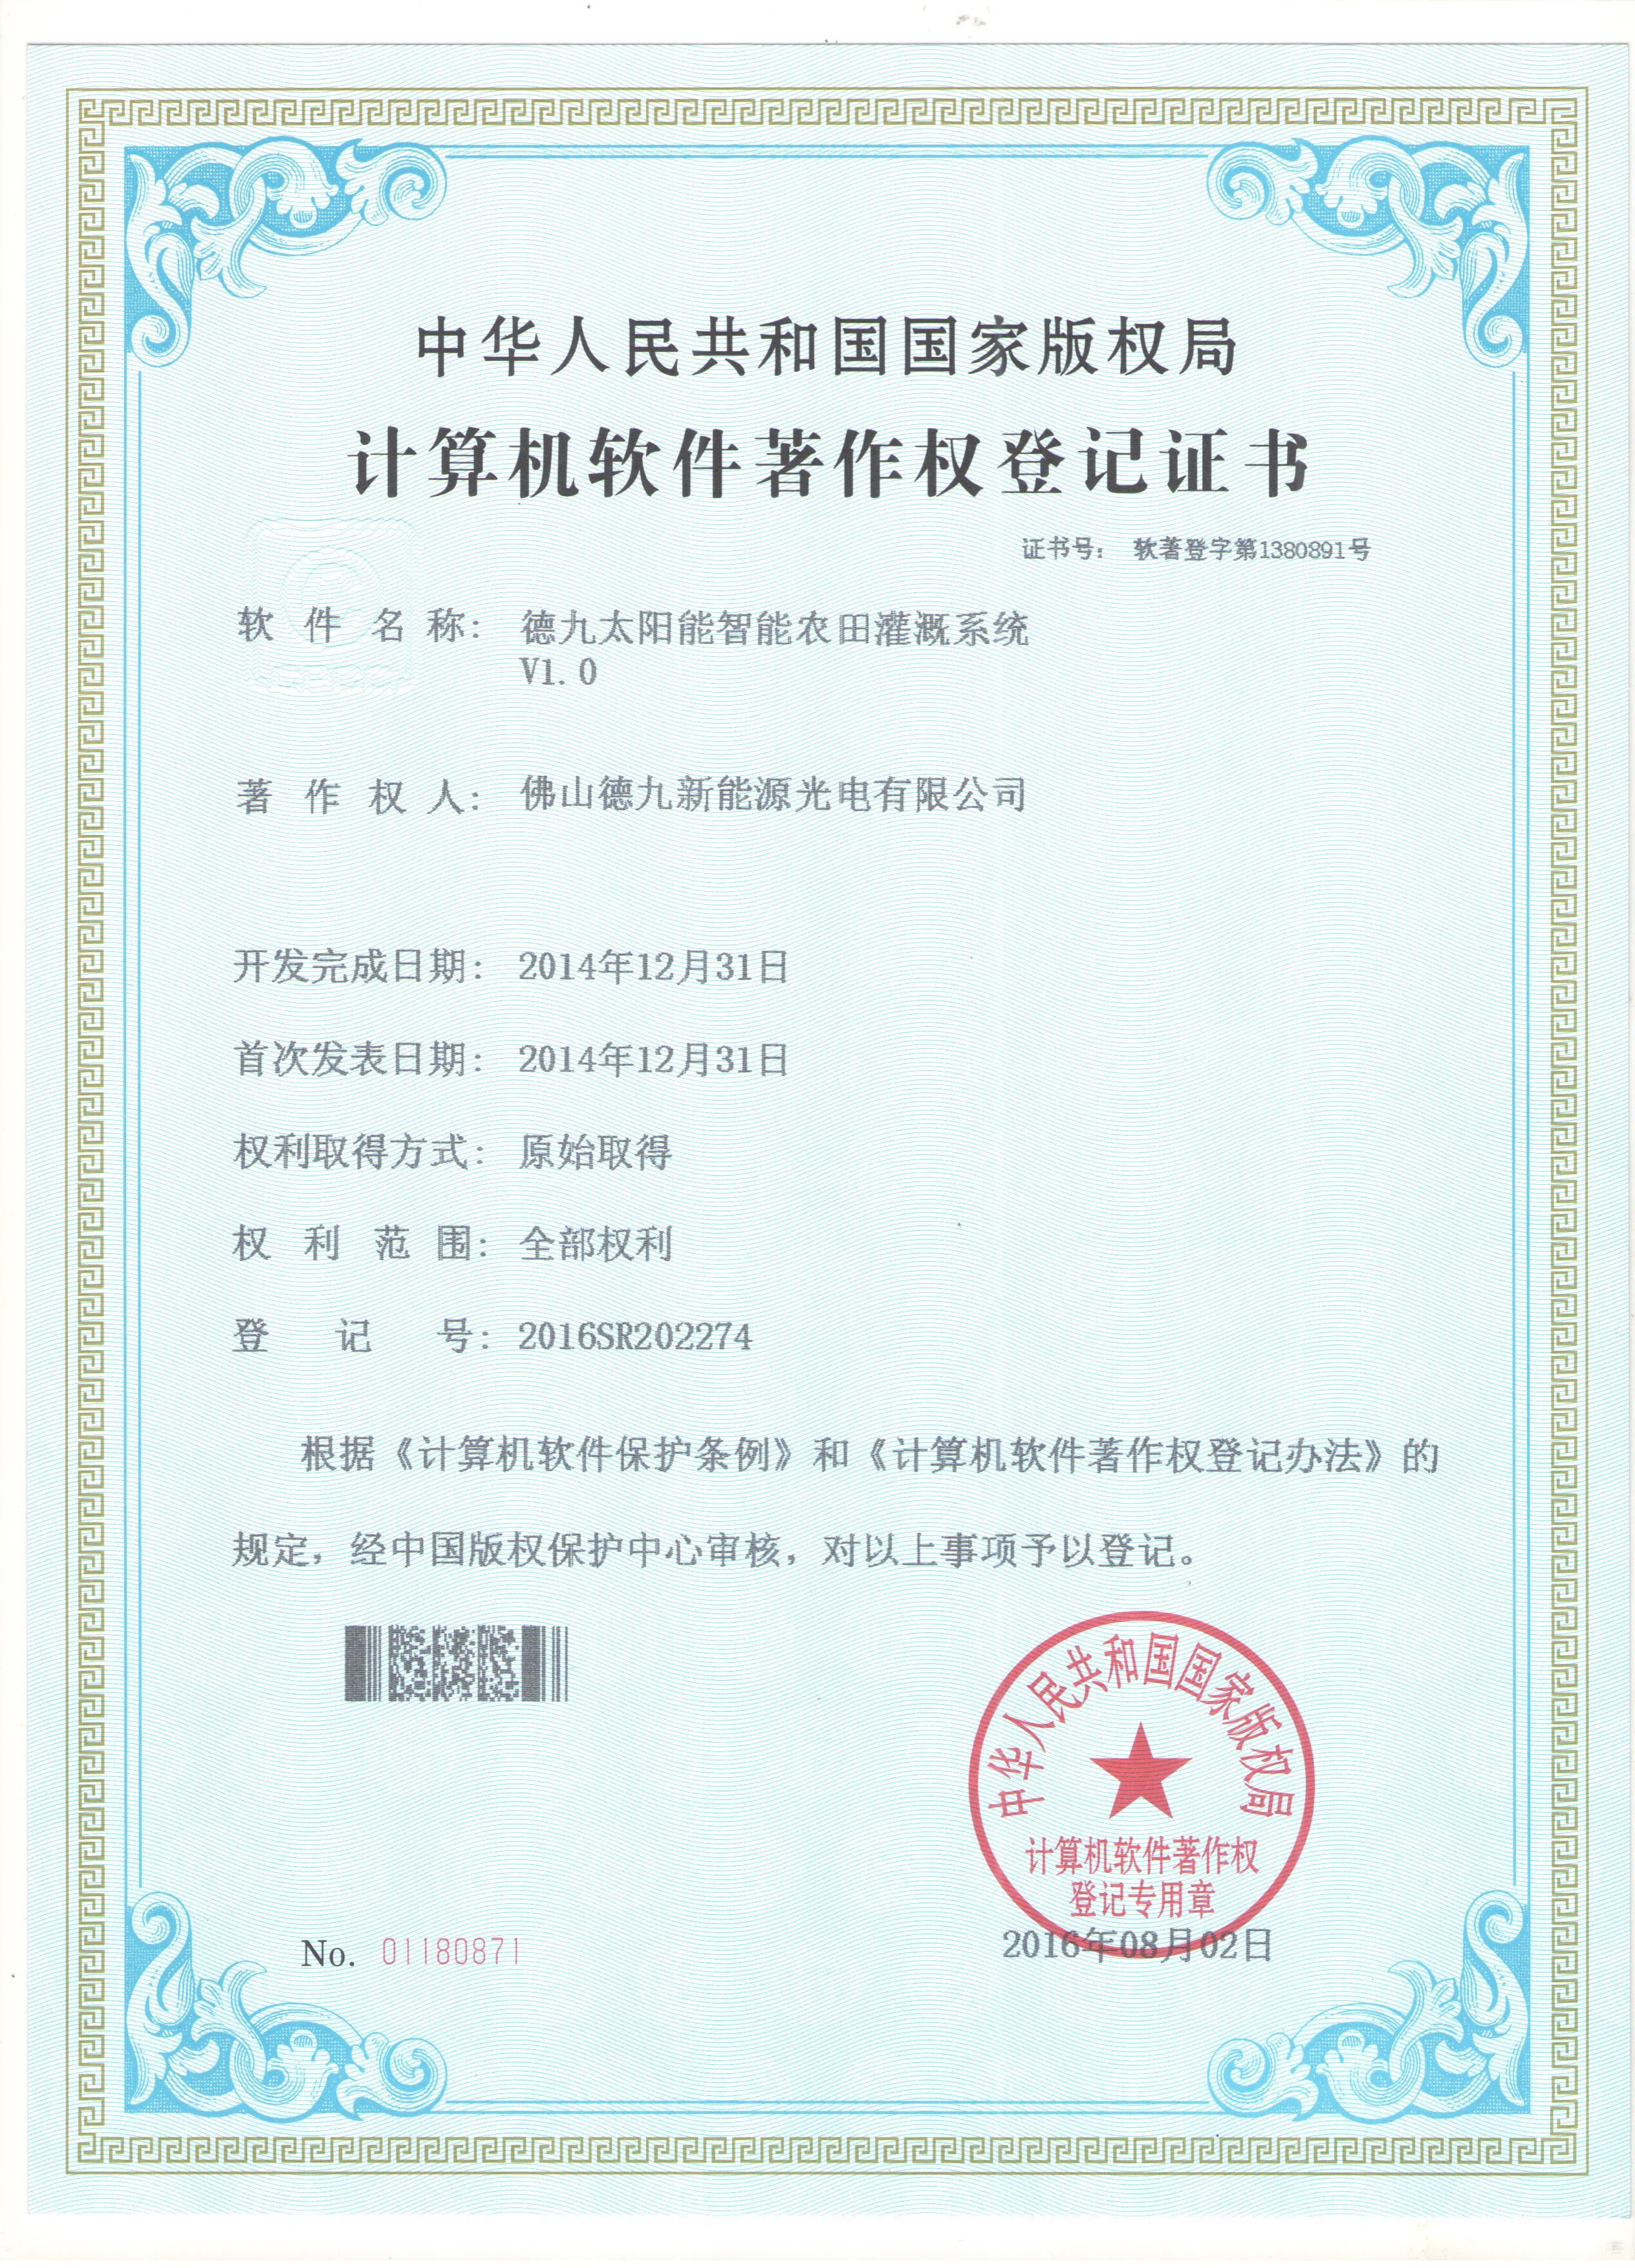 专利-软件著作权-软件著作权-德九太阳能智能农田灌溉系统V1.0